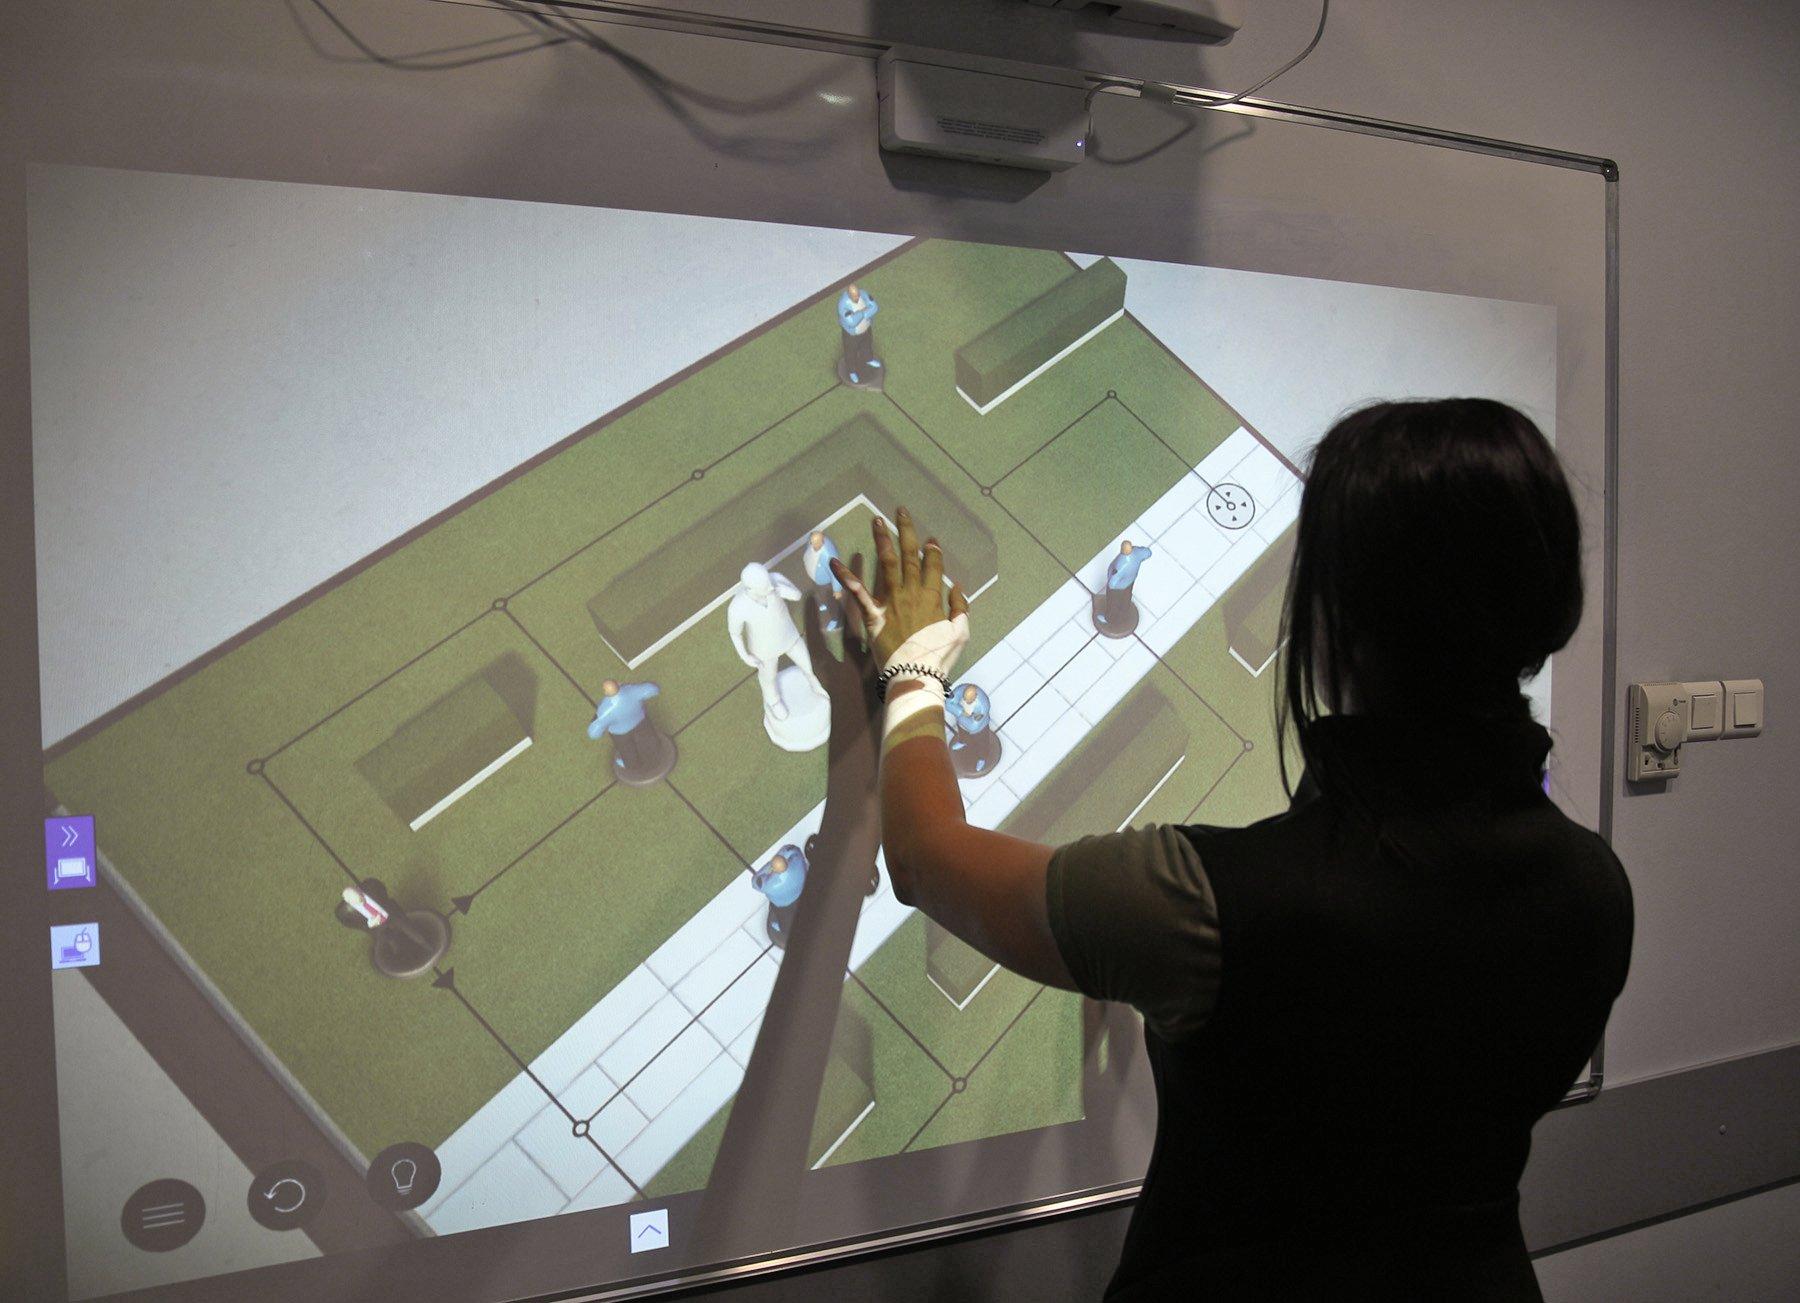 Интерактивному проектору – интерактивный софт! Часть вторая – мультитач и ПО для обучения - 2